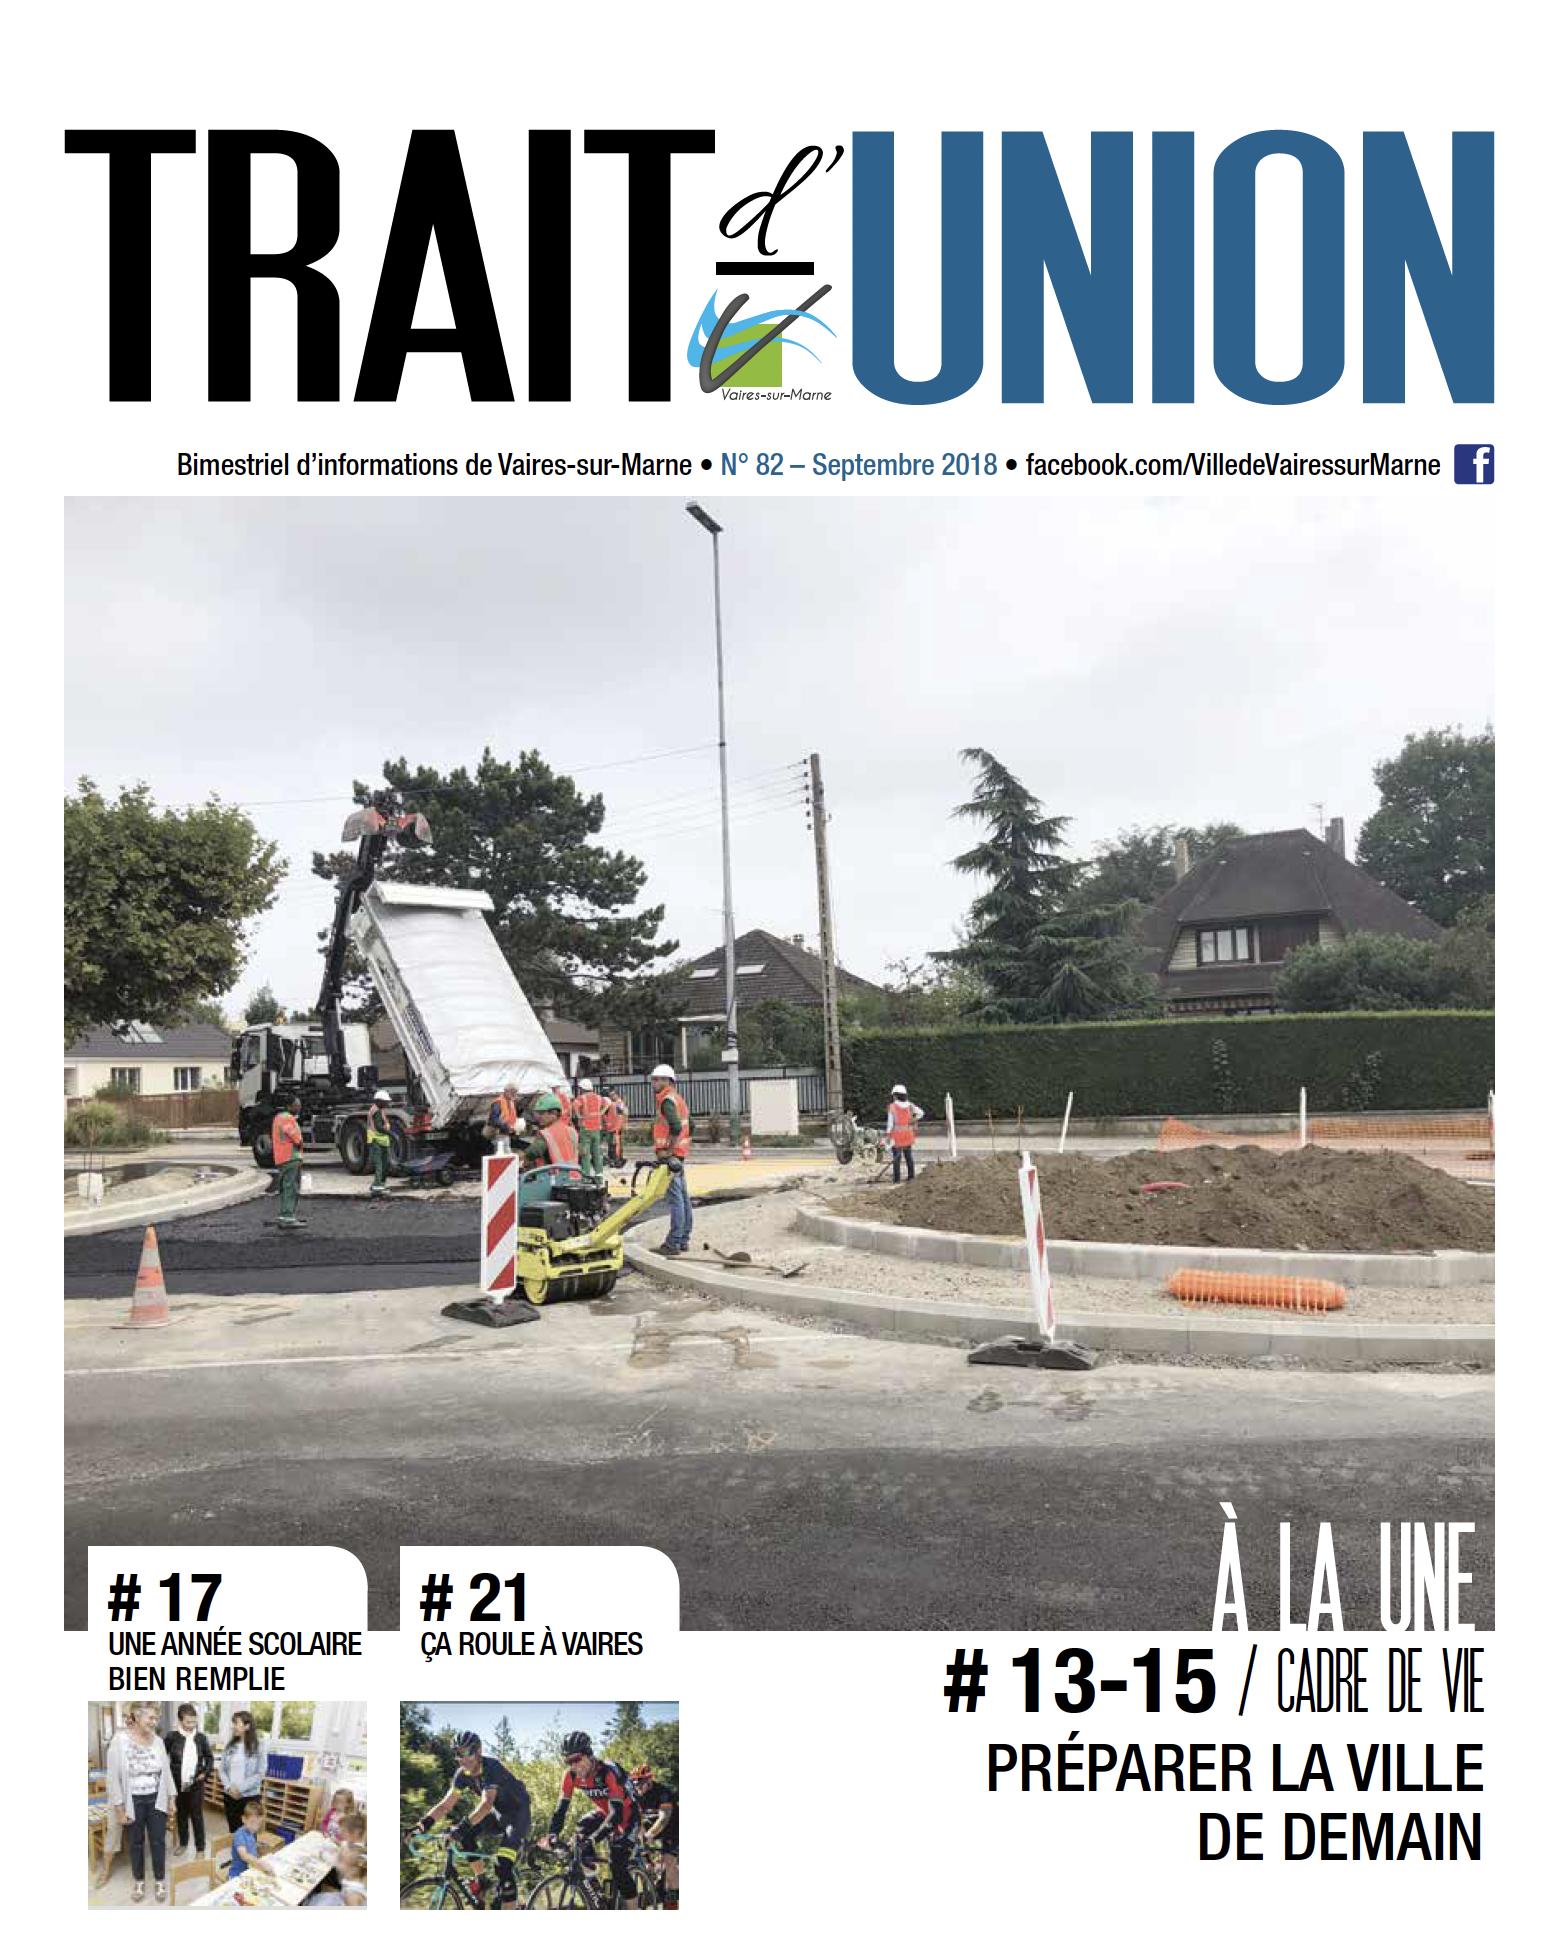 Trait d'union N°82 - septembre 2018